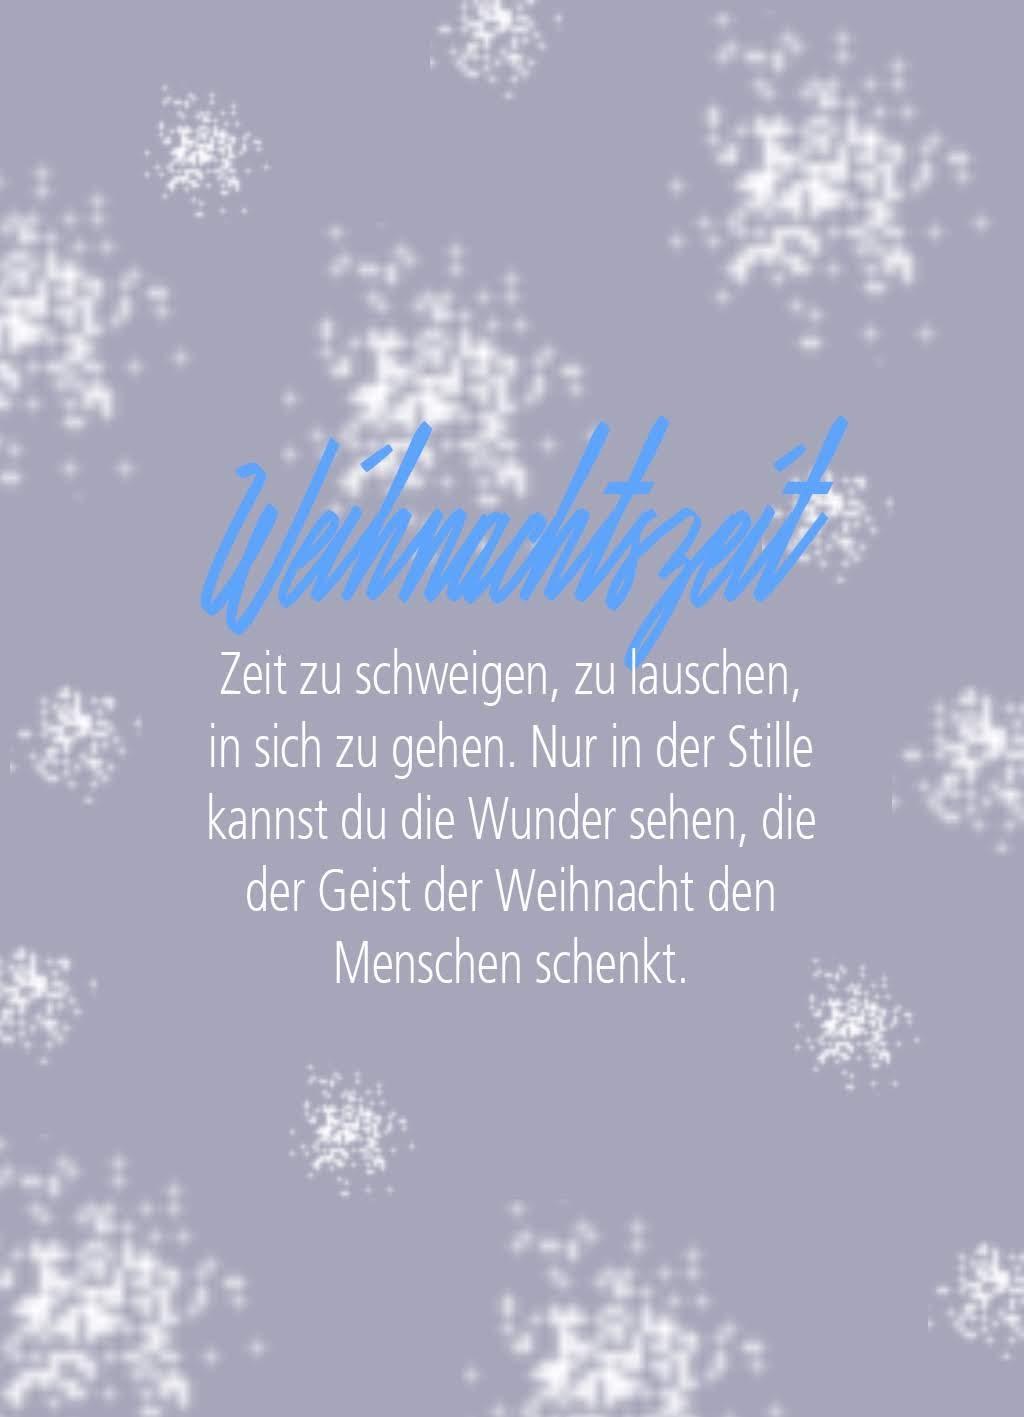 Quote of the day | Weihnachtszeit: Zeit zu schweigen, zu lauschen, in sich zu gehen ...